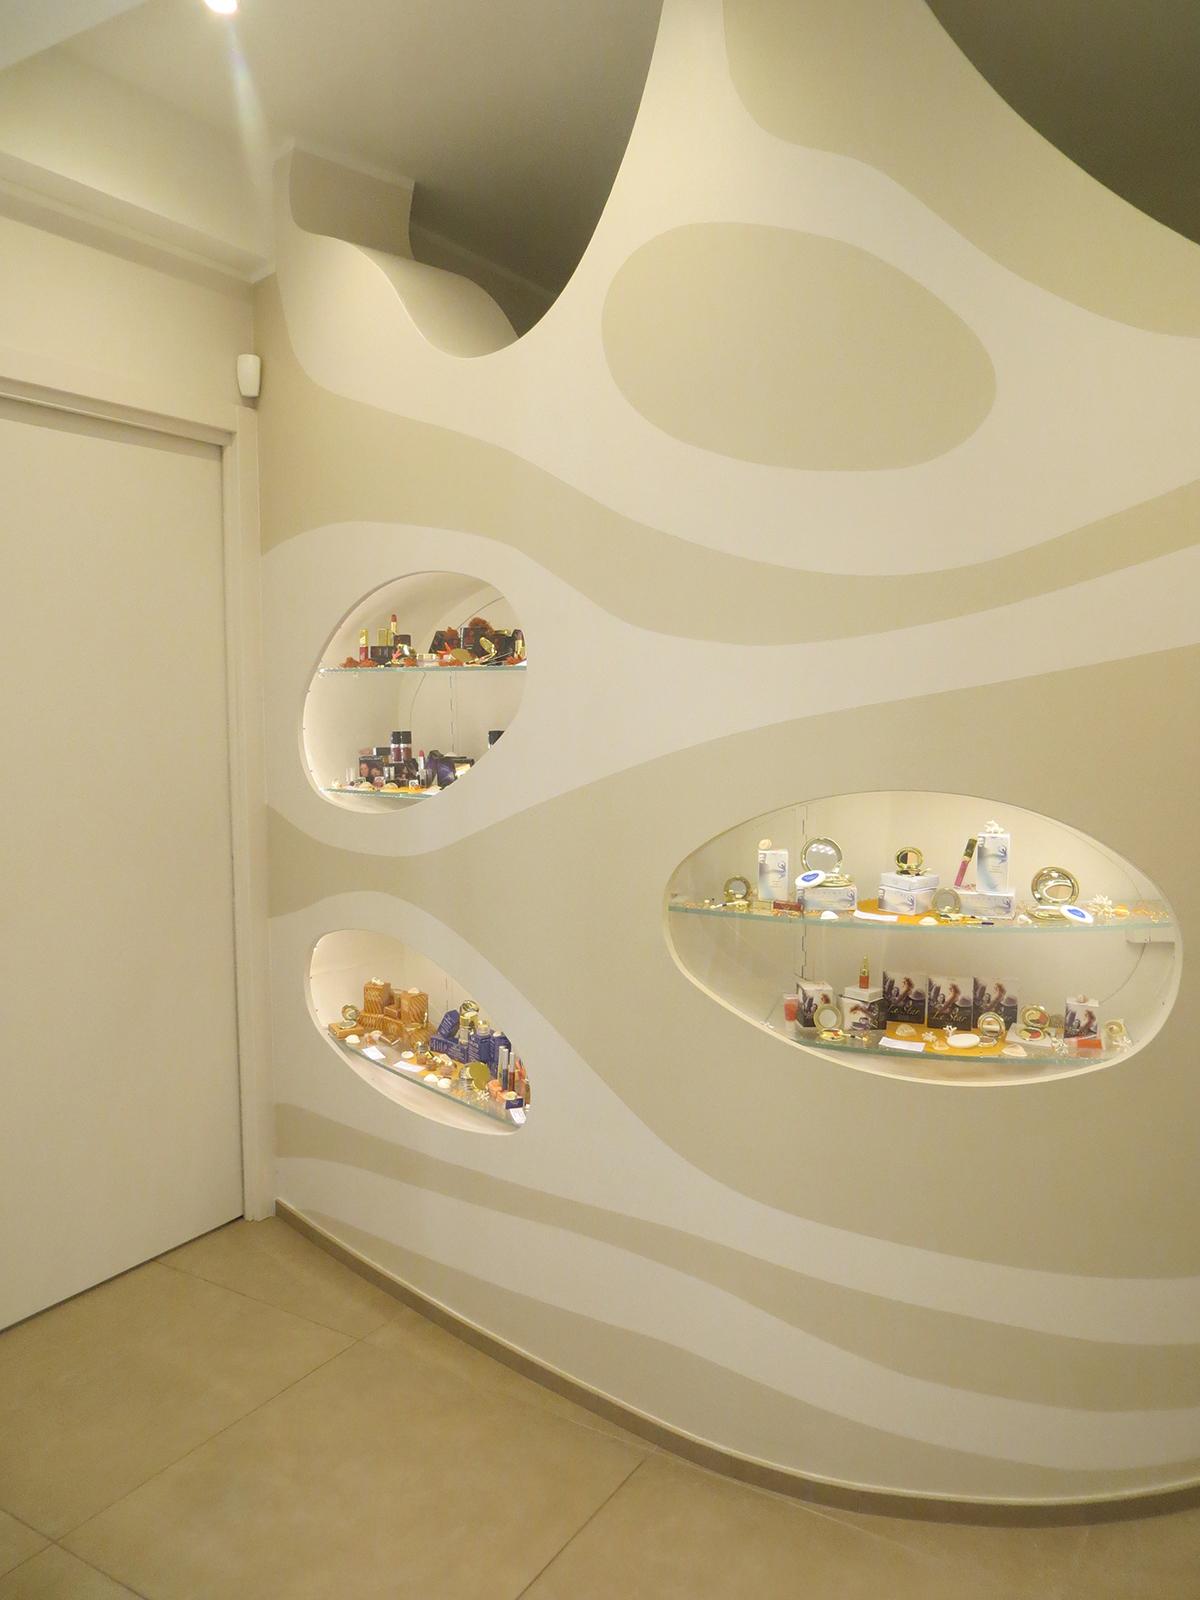 Studio-di-architettura-Baisotti-Sigala-prgetti225